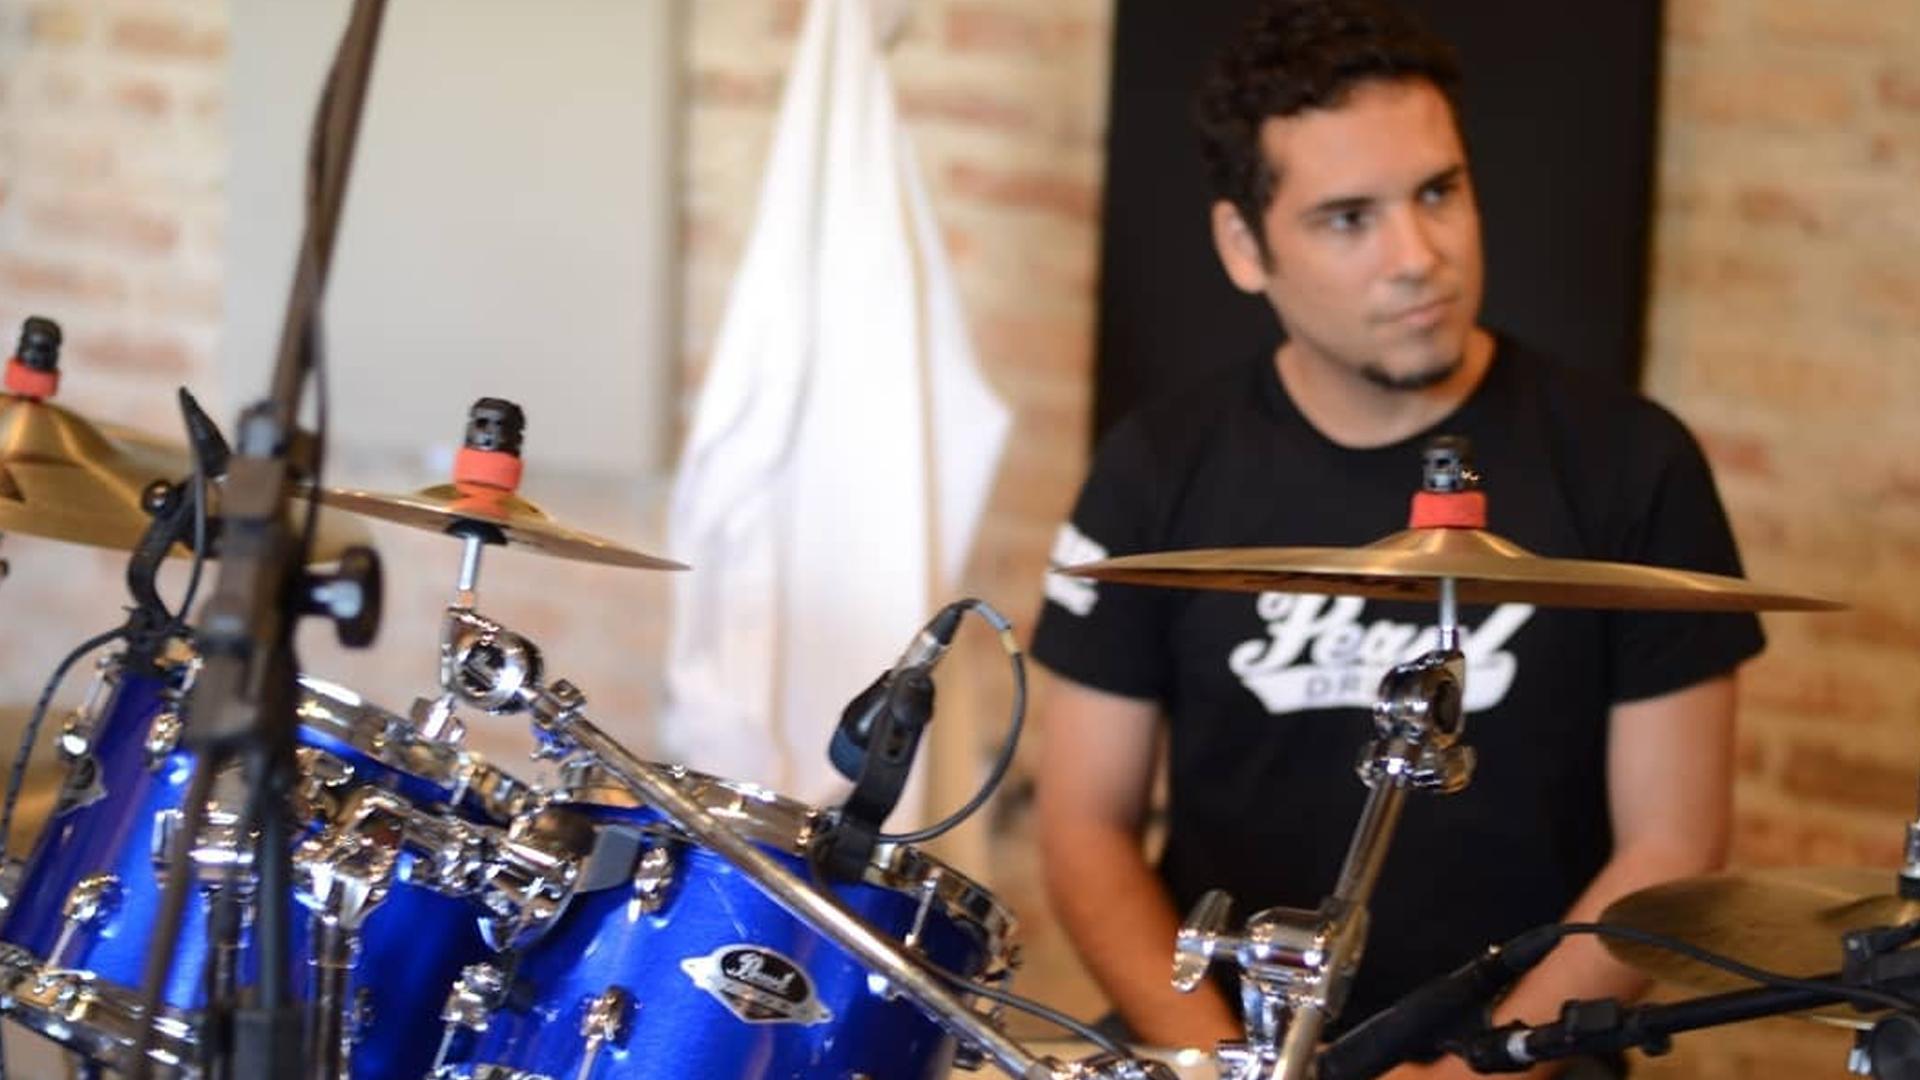 coluna vertebral do baterista